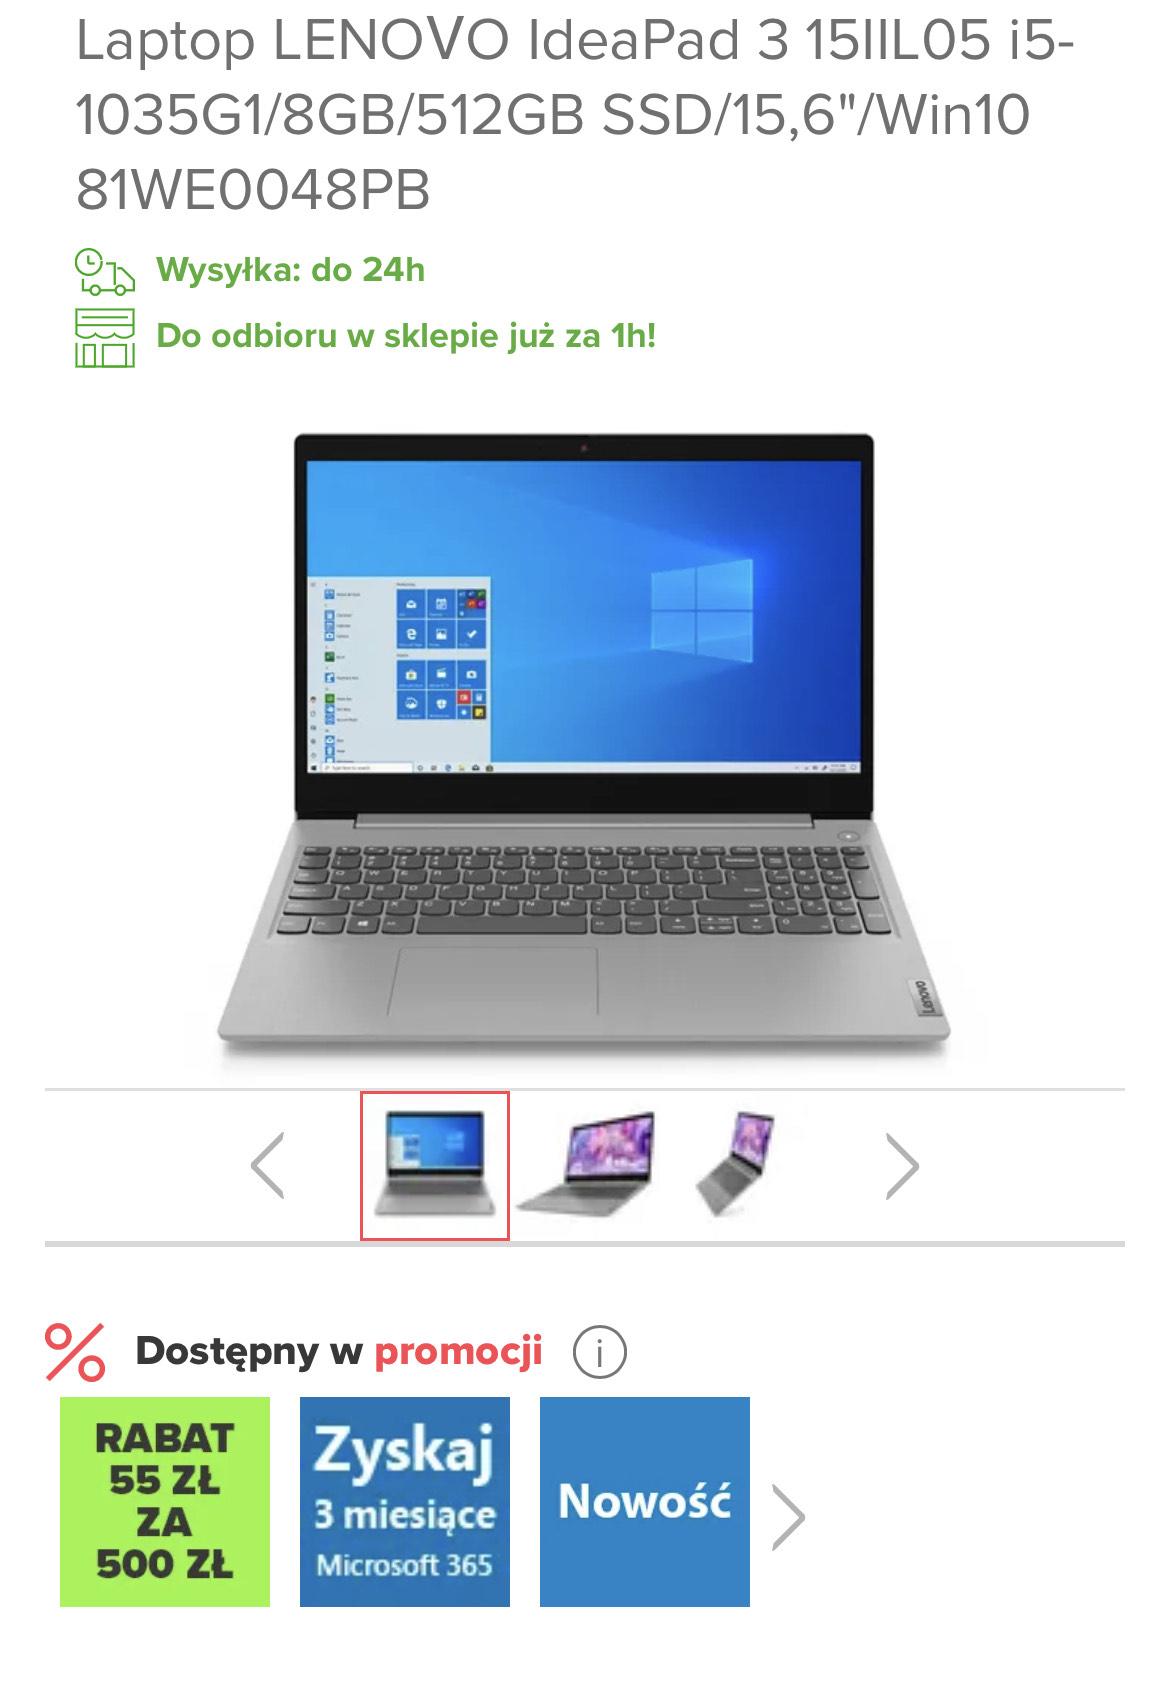 """Laptop LENOVO IdeaPad 3 15IIL05 i5-1035G1/8GB/512GB SSD/15,6""""/Win10"""